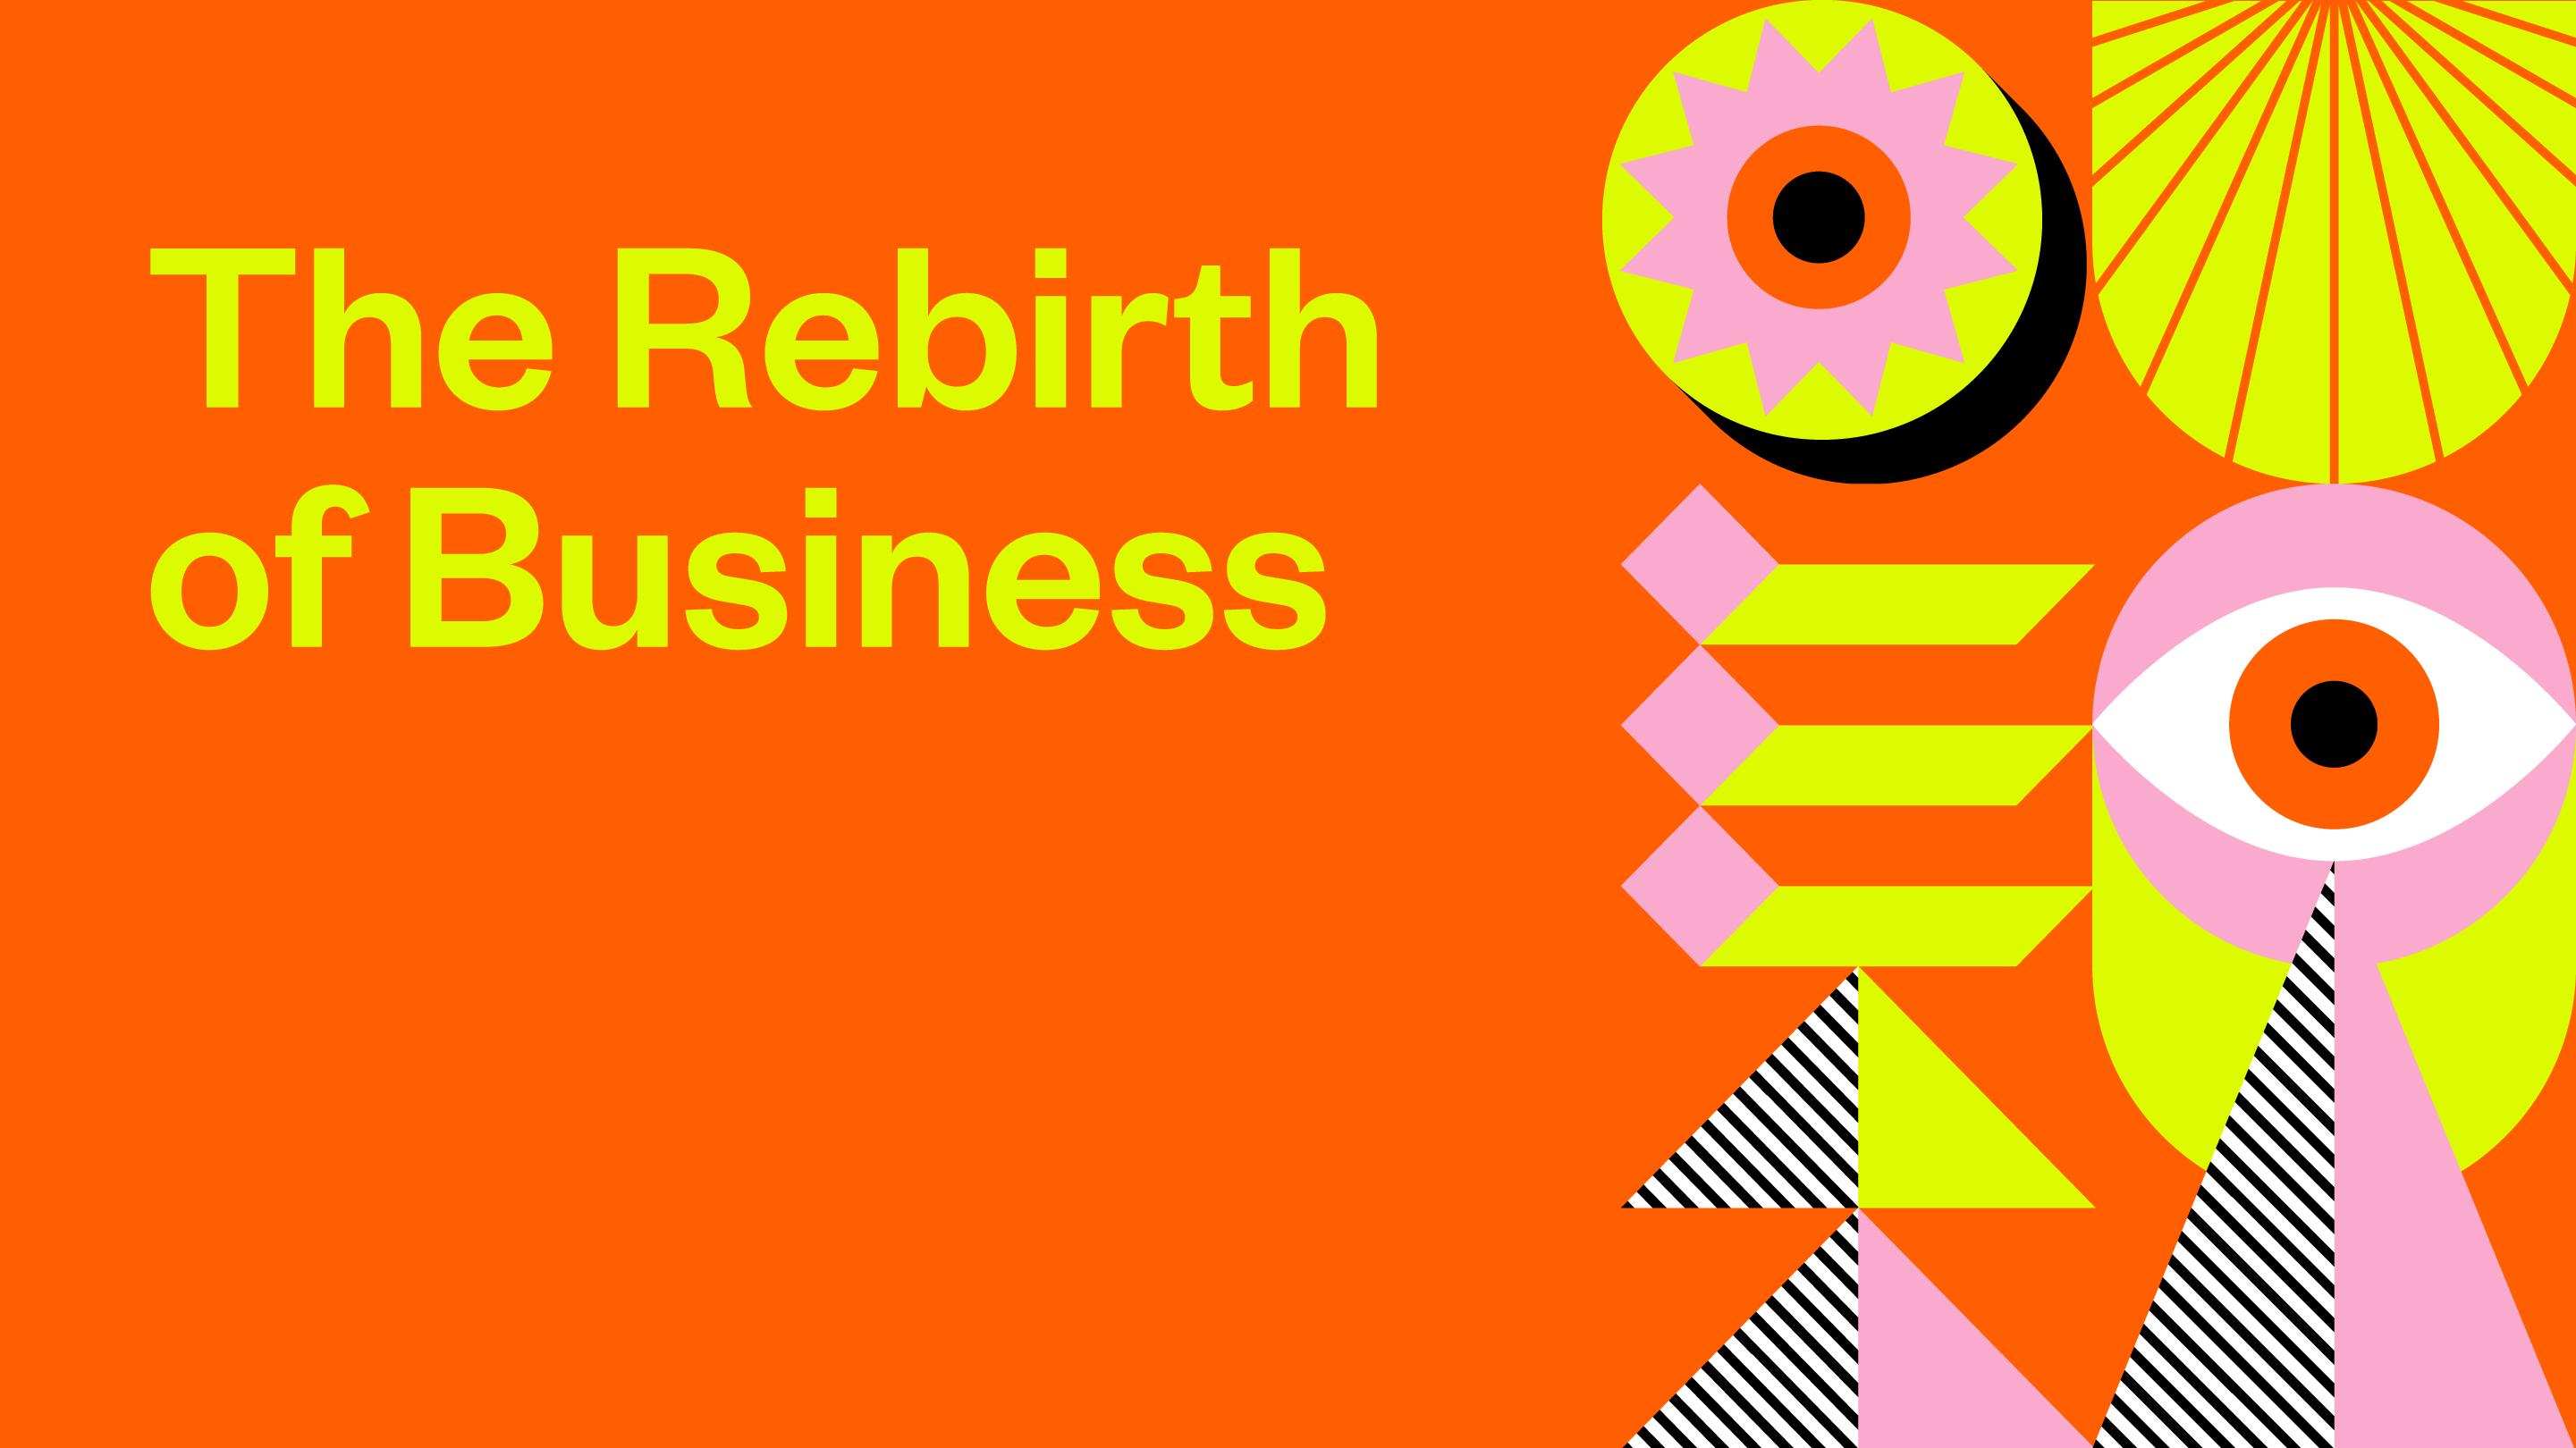 The Rebirth of Business - 2021 SXSW Theme